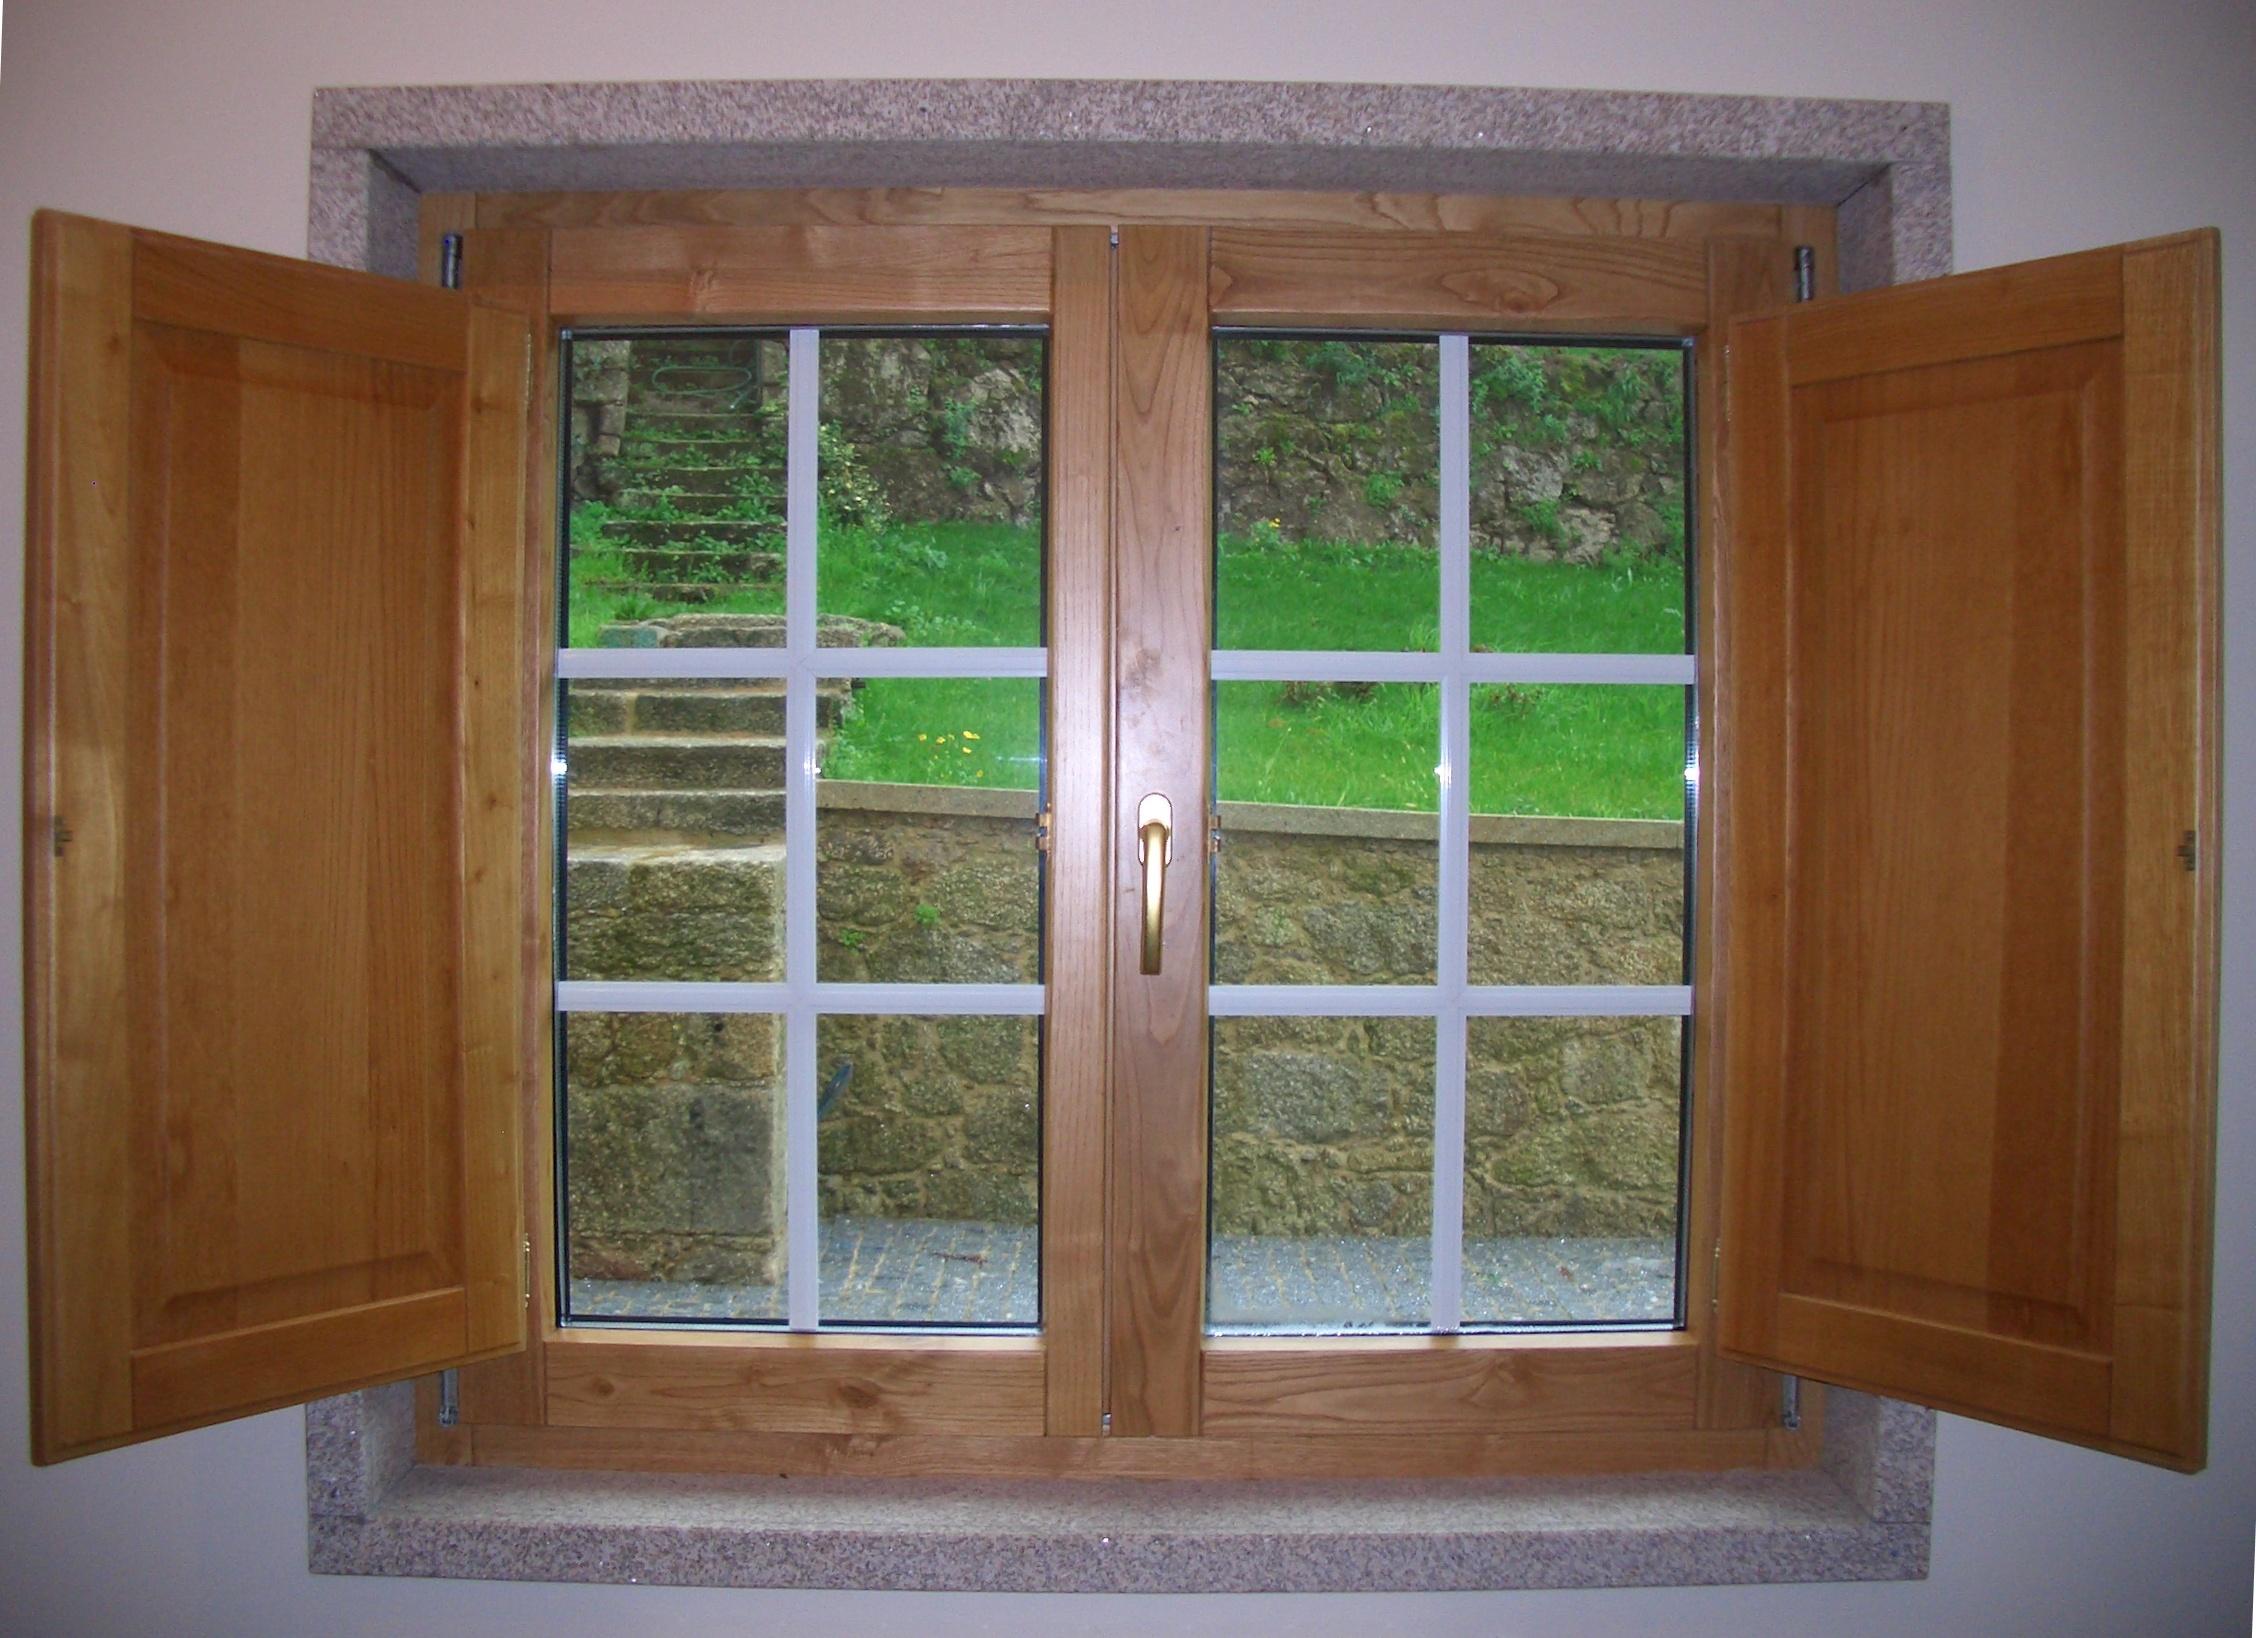 #6C4324 MADEIRA ALUMNIO janela madeira alumnio c/ portadas interiores janela  554 Janelas Em Aluminio Para Quarto